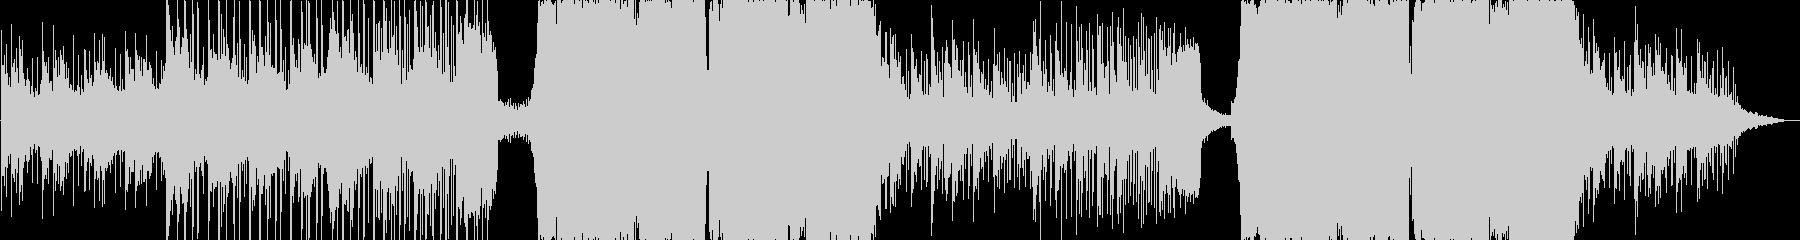 静と動 / Liquid Dubstepの未再生の波形